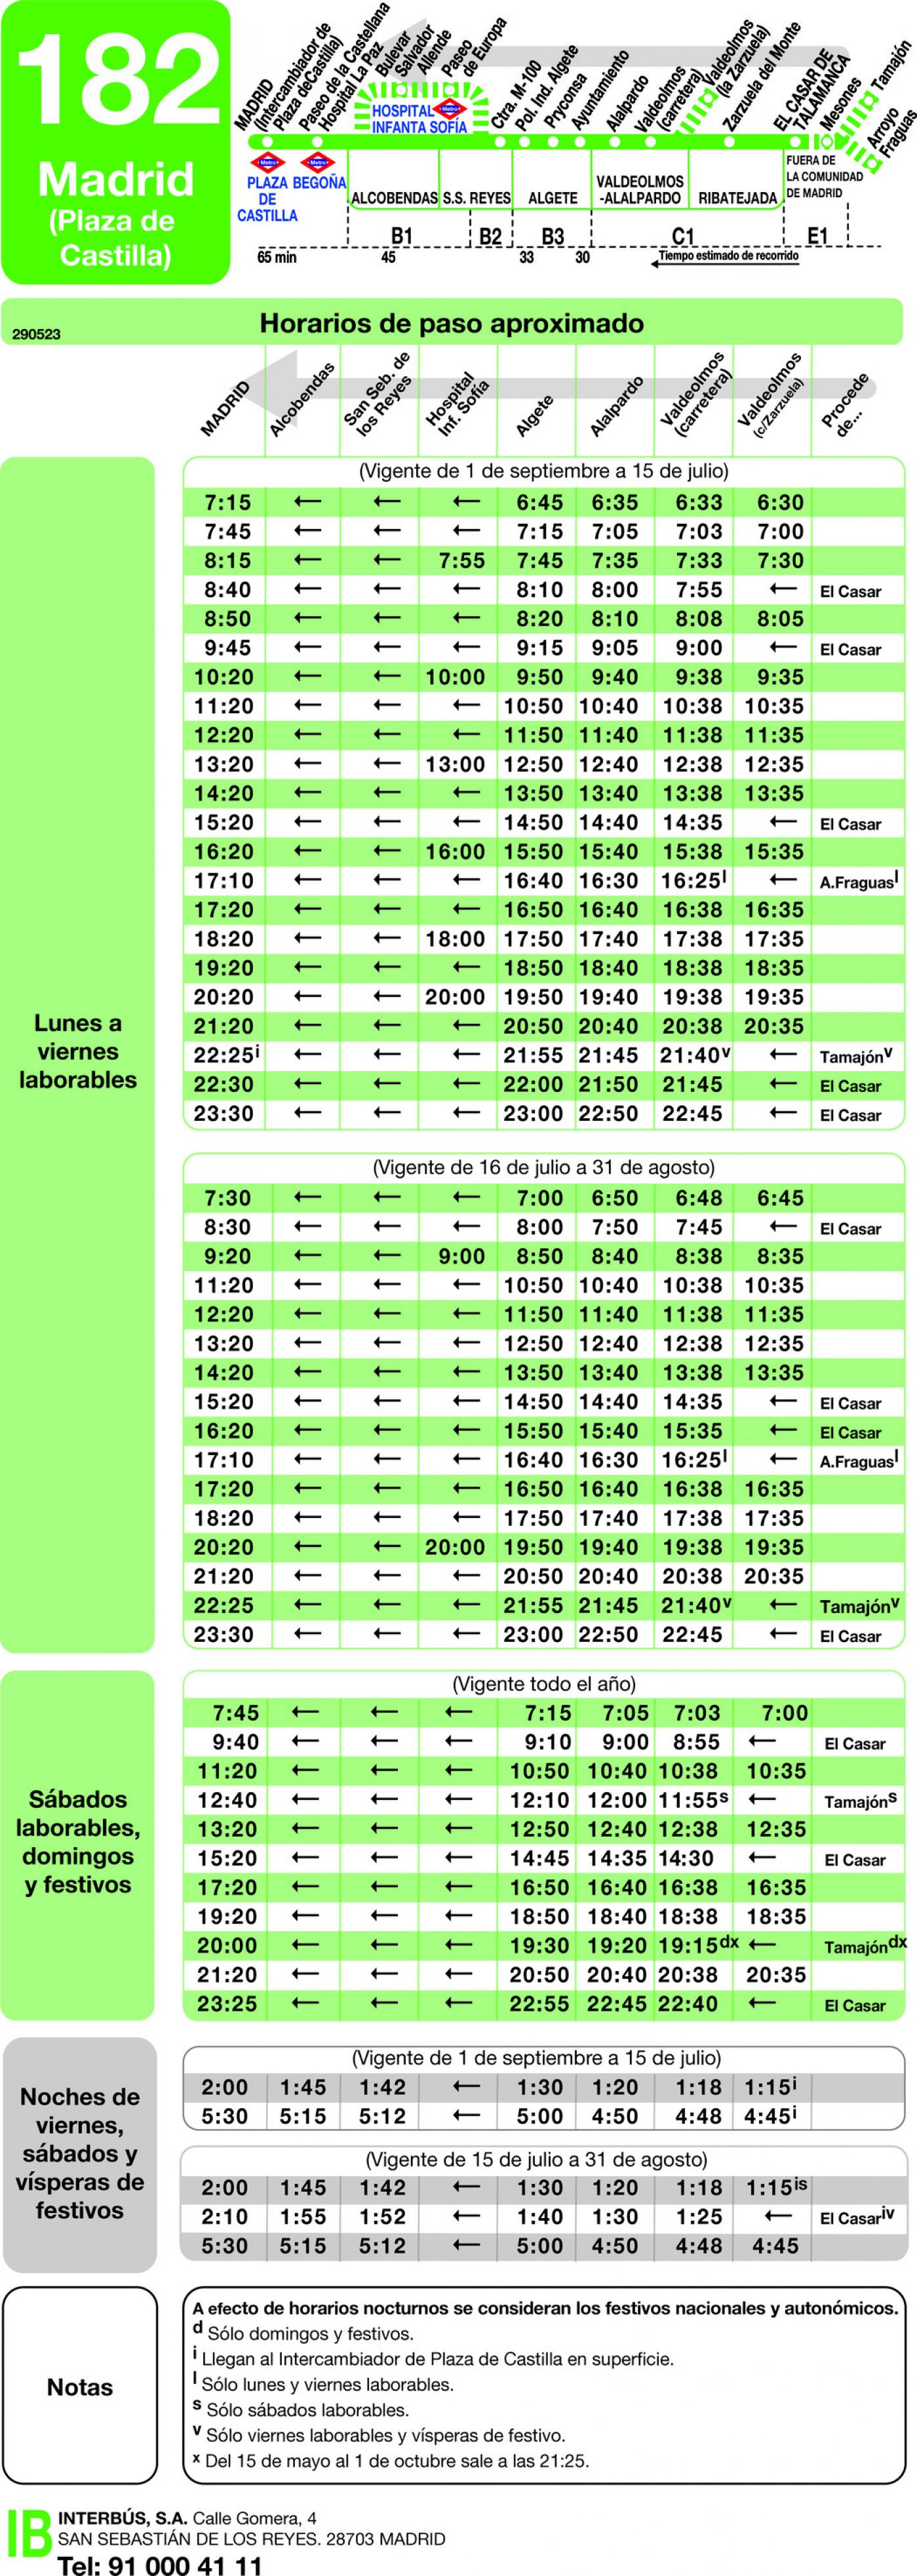 Tabla de horarios y frecuencias de paso en sentido vuelta Línea 182: Madrid (Plaza Castilla) - Algete - Valdeolmos